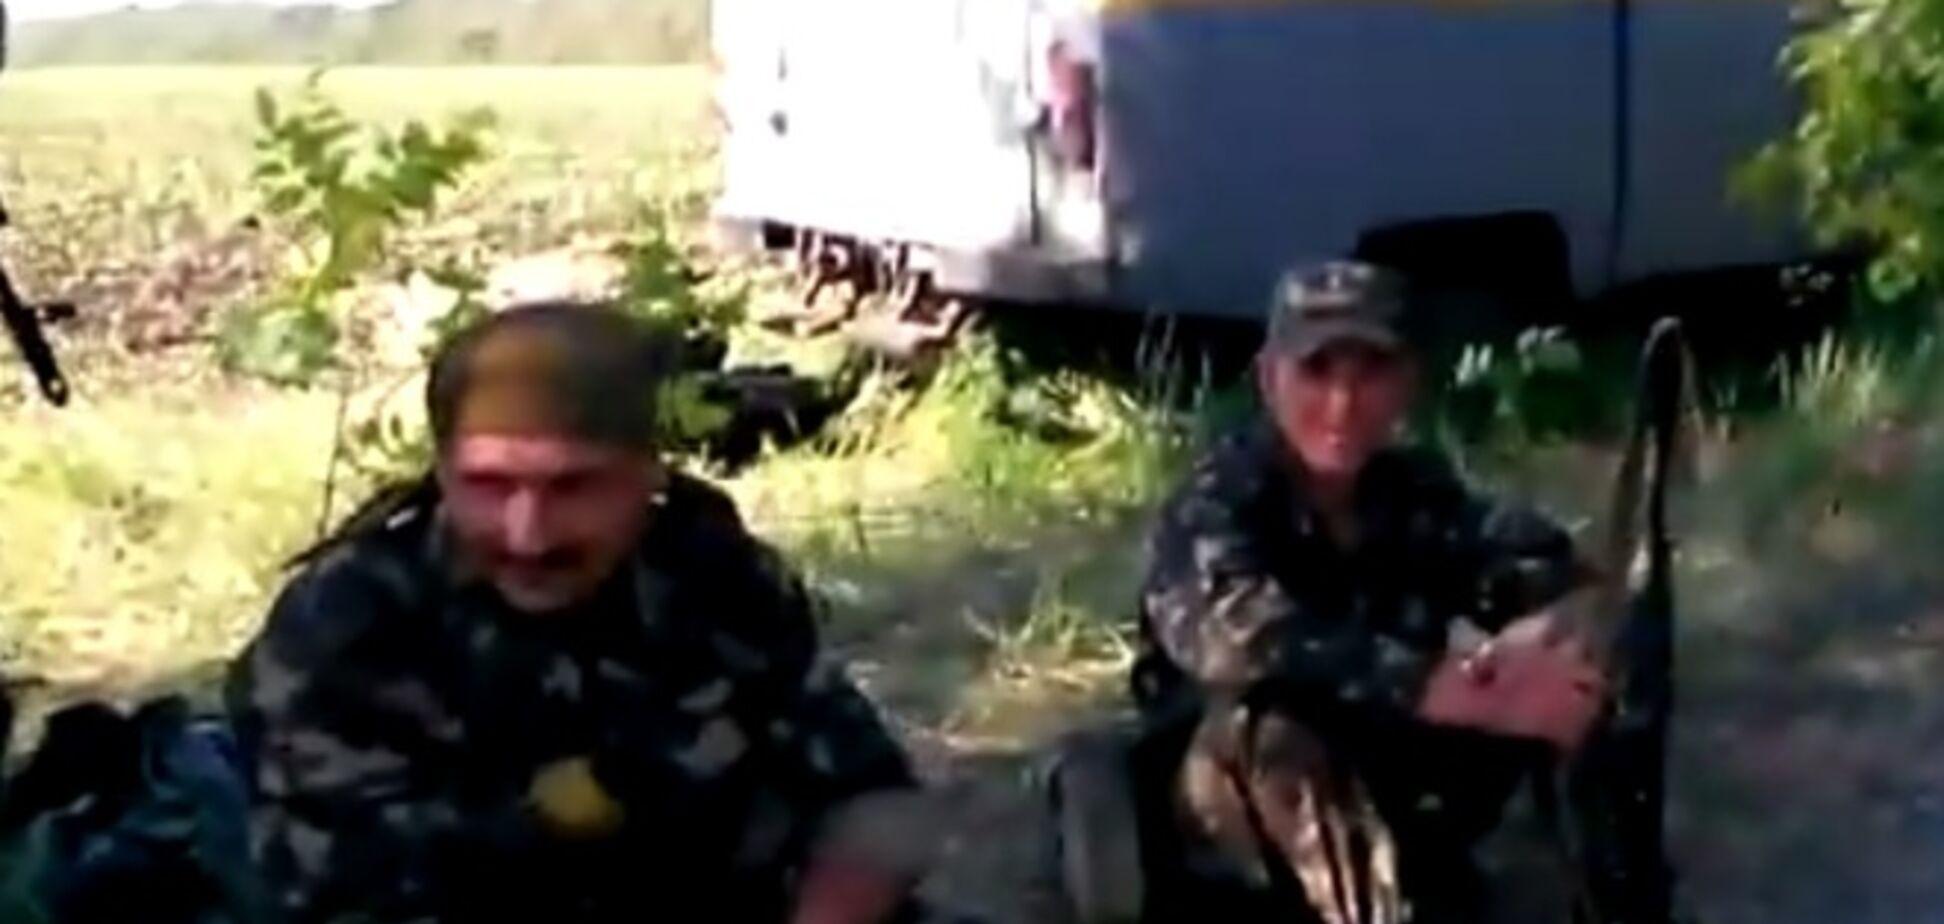 Обнародовано видео военнослужащих накануне расстрела террористами под Волновахой